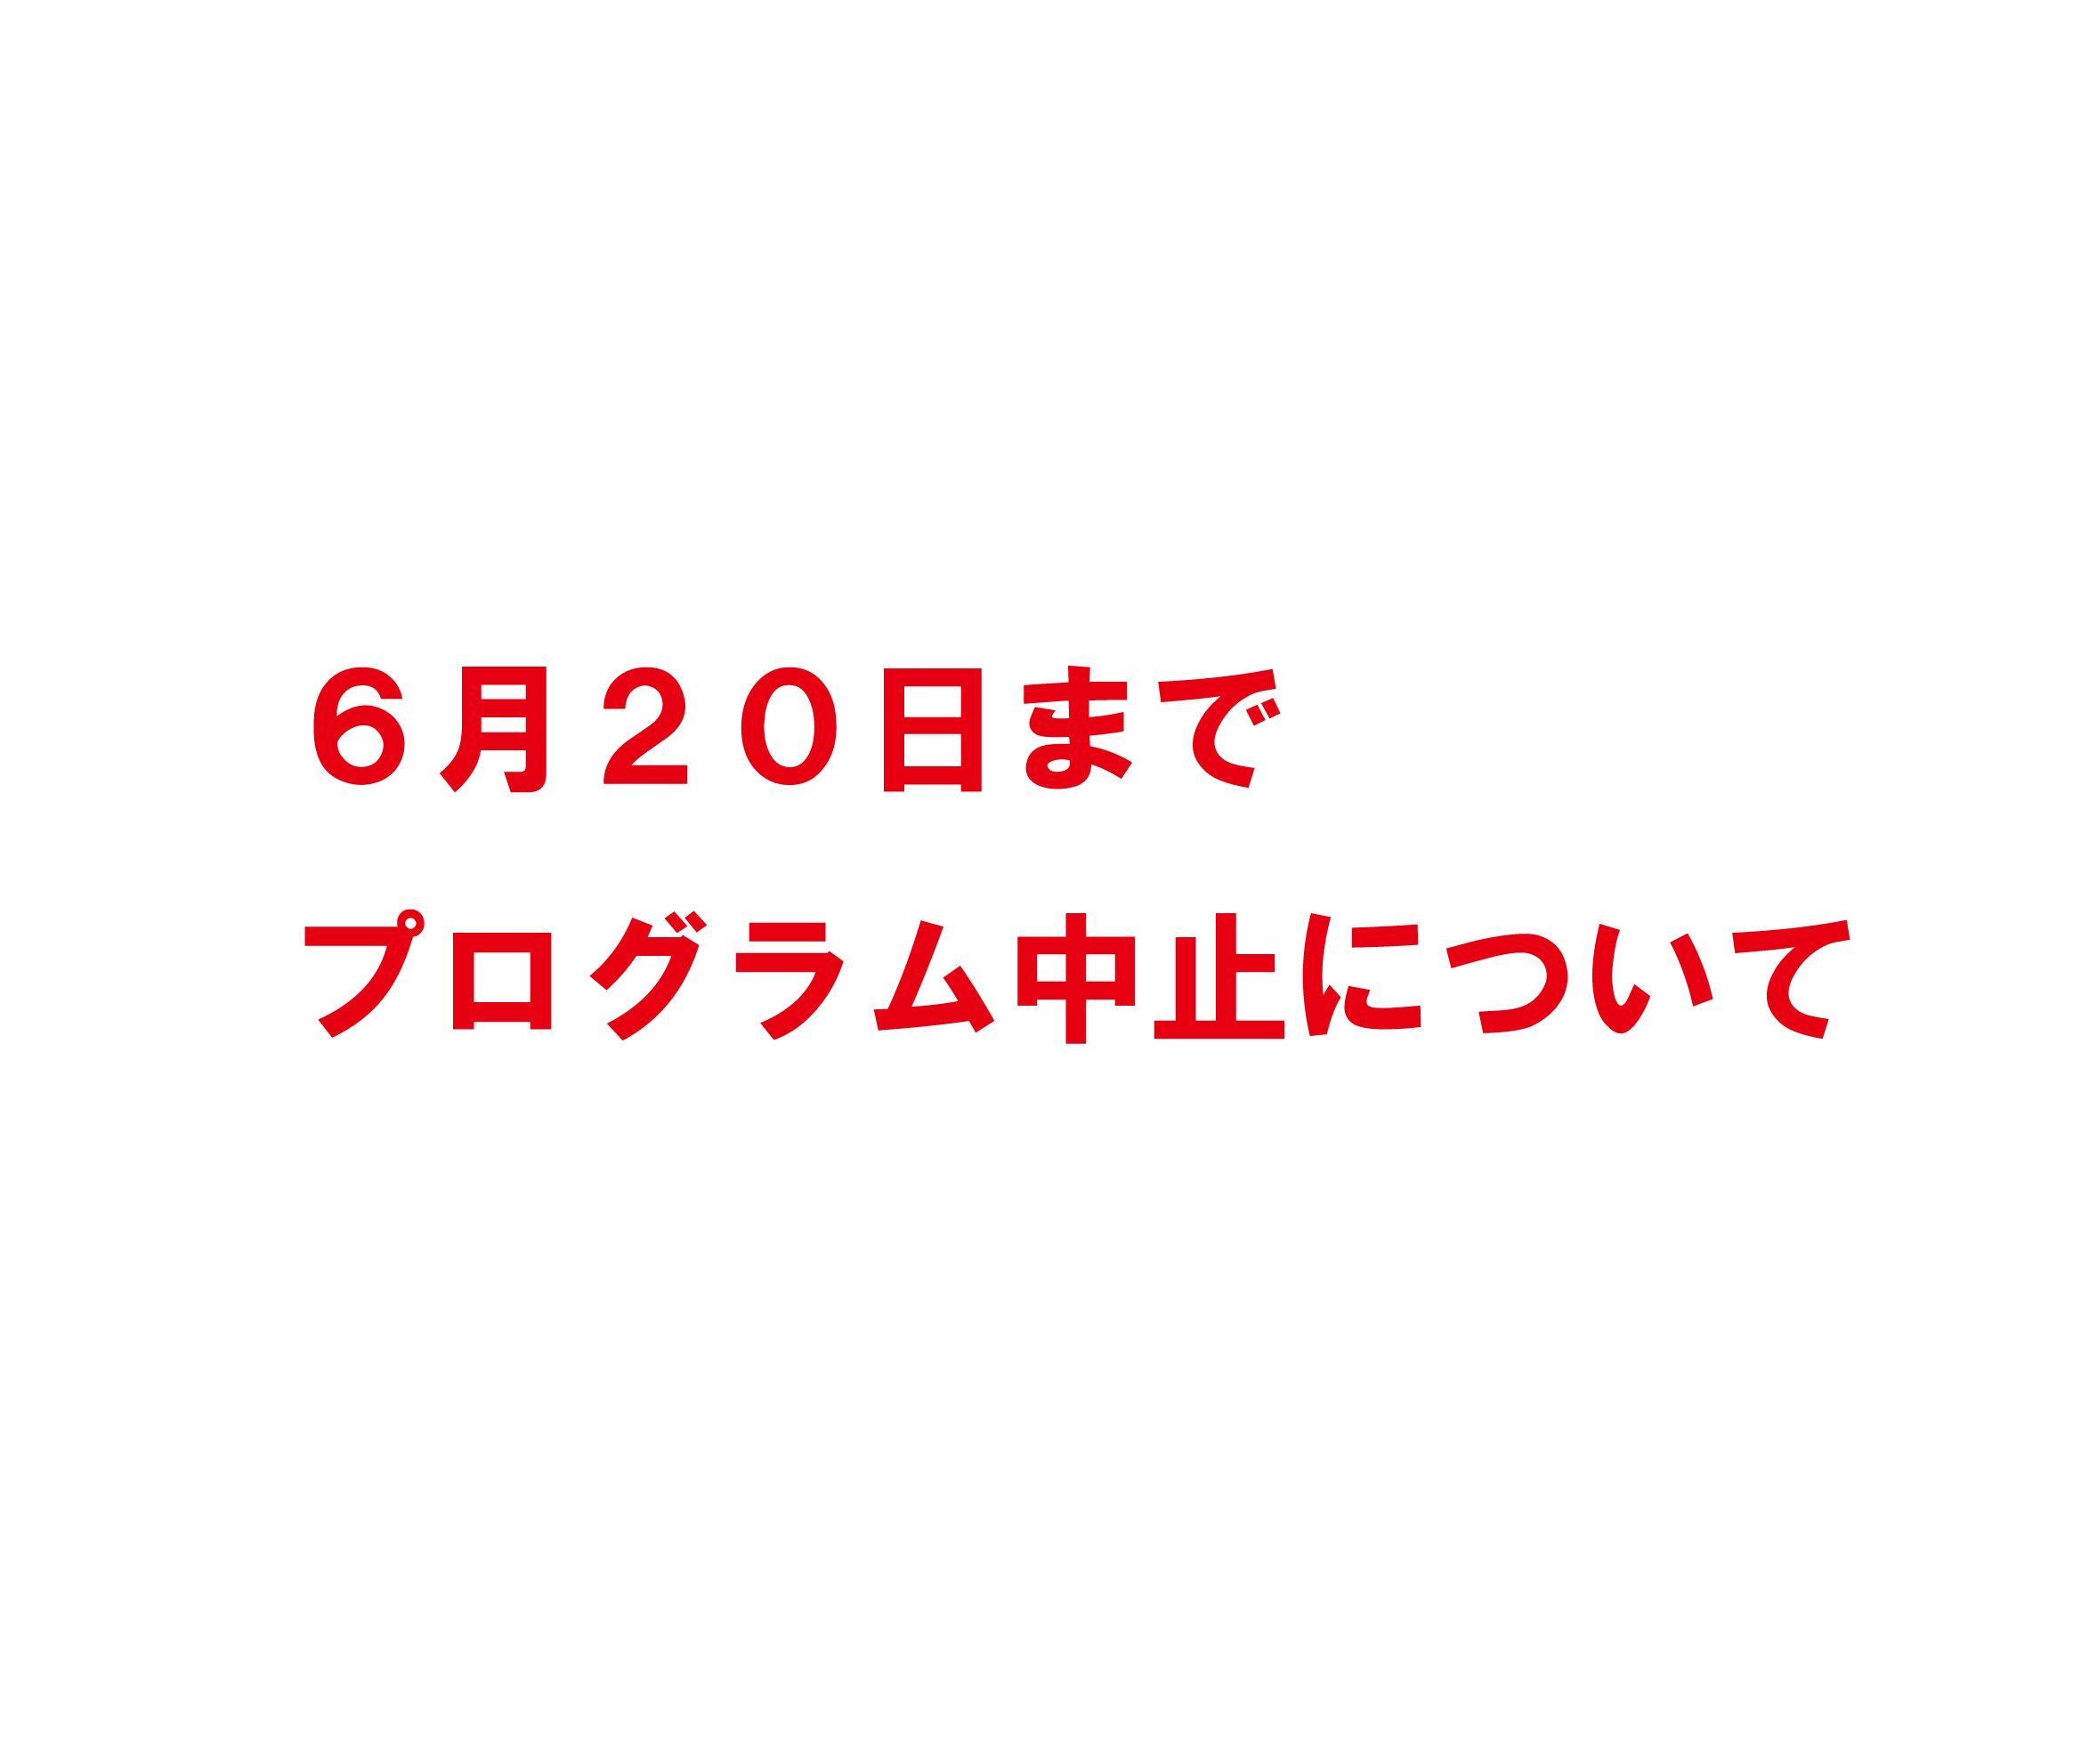 6月20日までのプログラム開催中止について